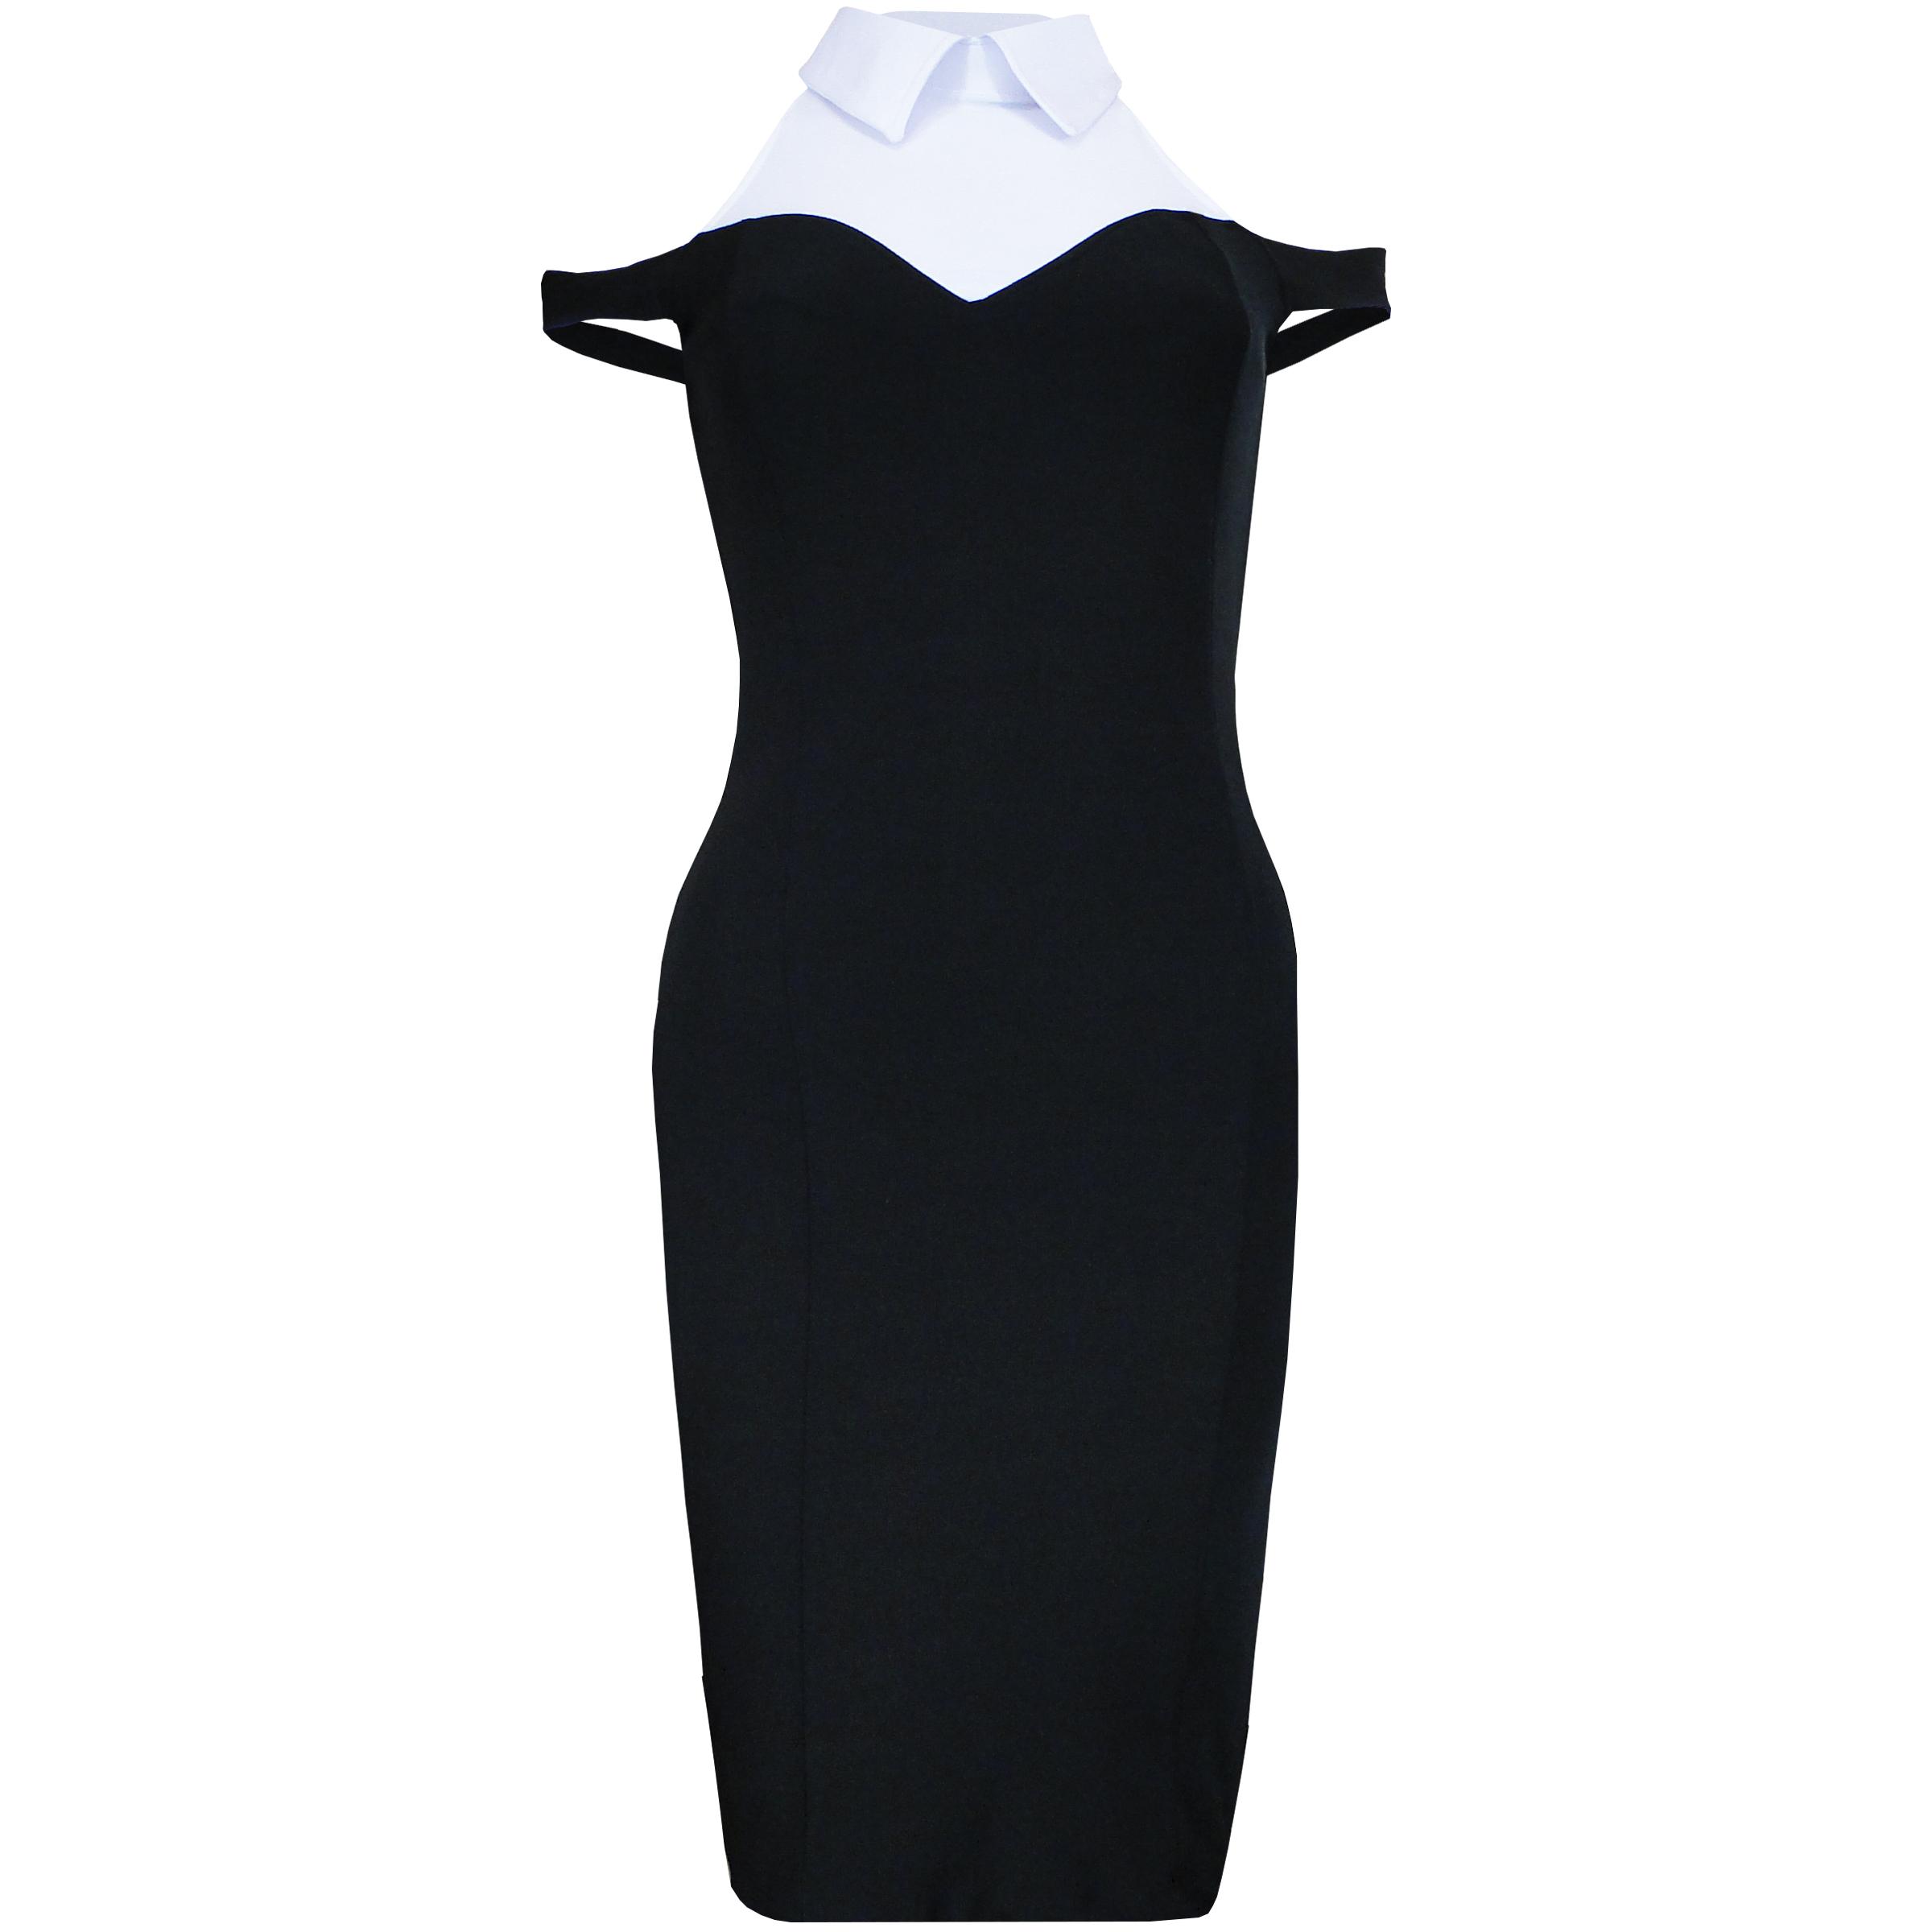 پیراهن مجلسی زنانه مدل الیزابت کد E68901 به همراه گل سینه مدل برلیانس